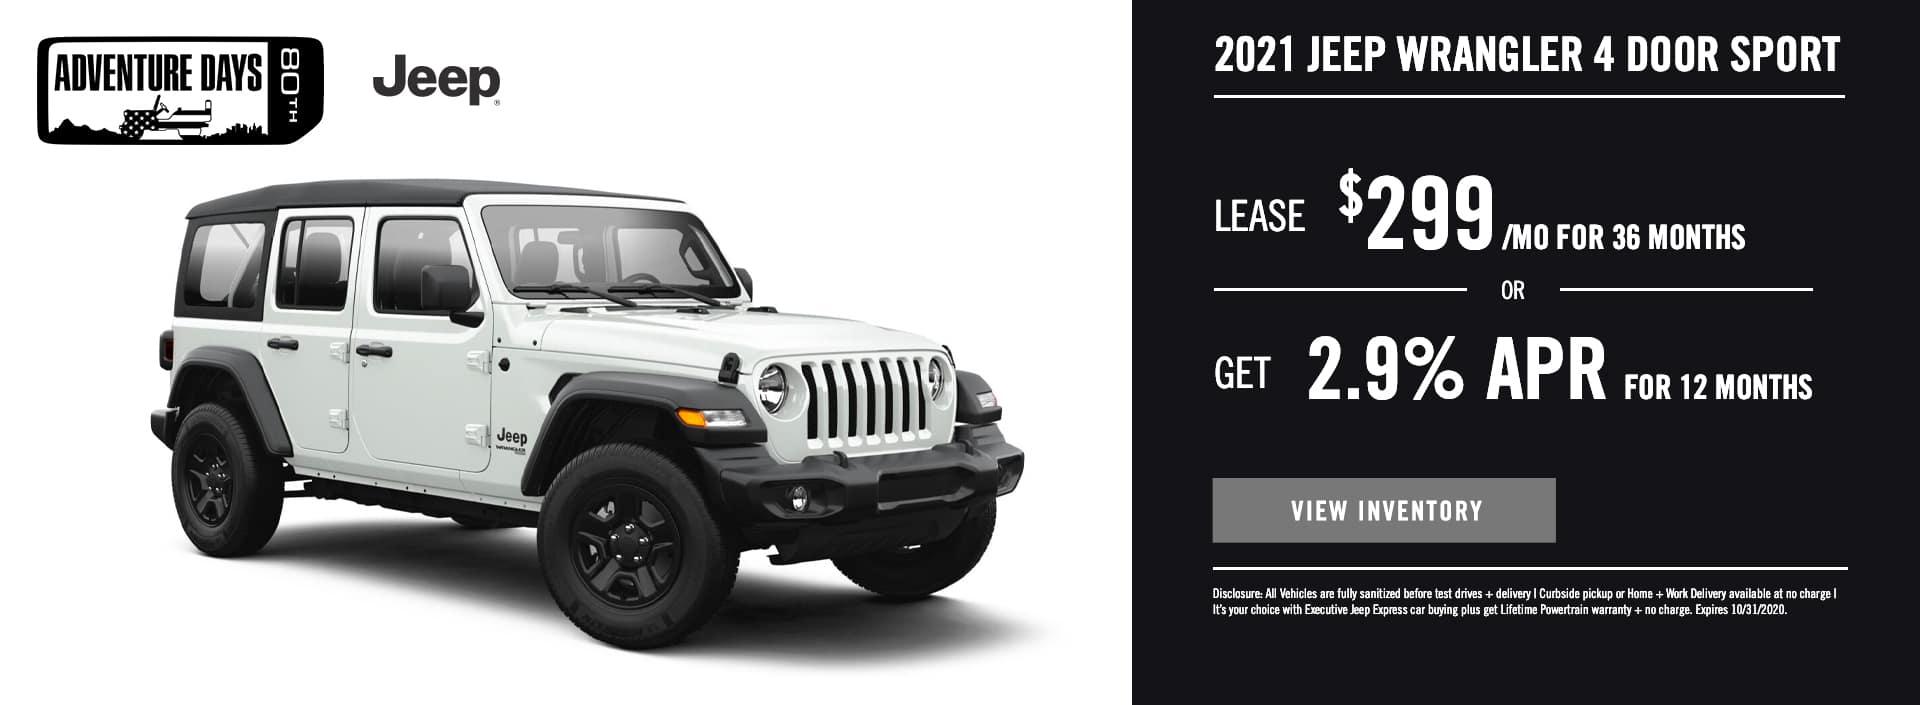 EAG_Jeep_2021 Jeep Wrangler 4 Door Sport